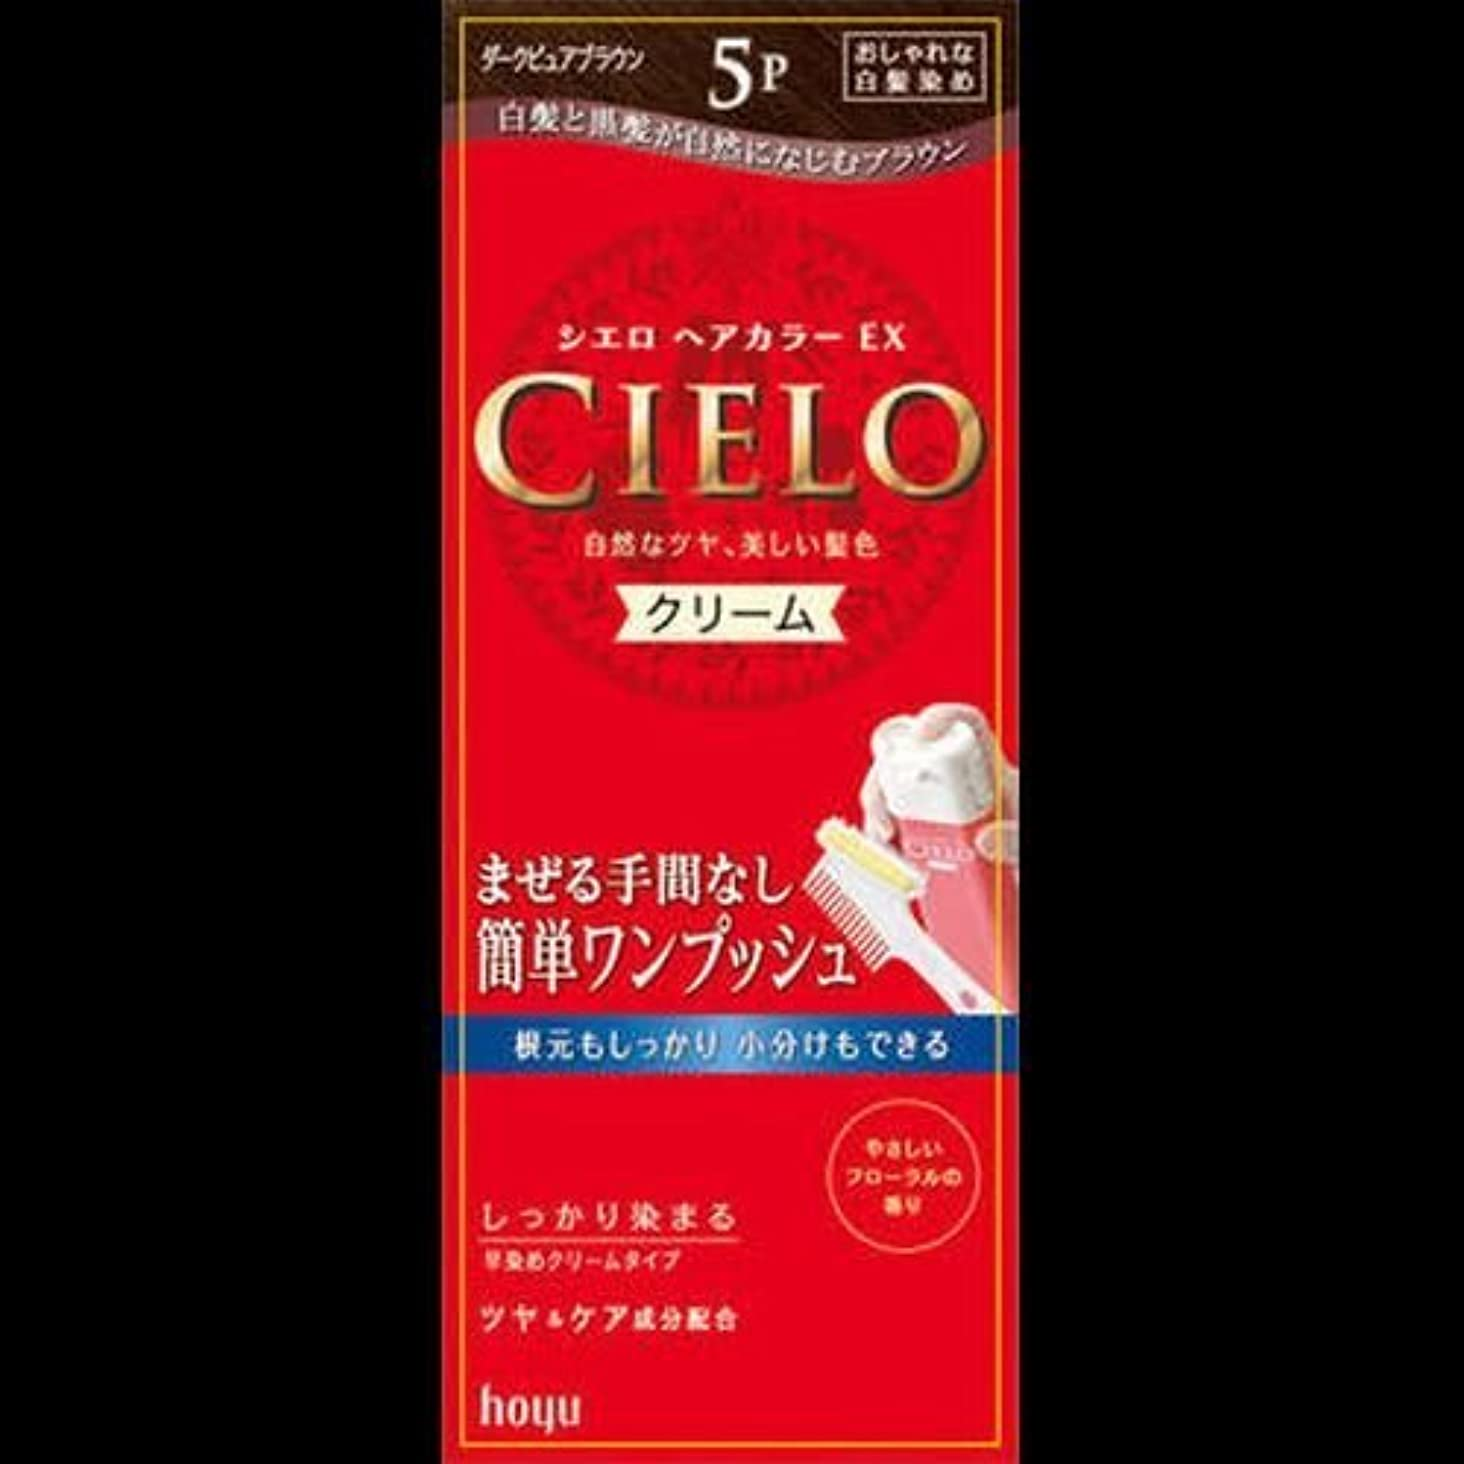 水星ガチョウ国際シエロ ヘアカラーEXクリーム 5P + ダークピュアブラウン ×2セット